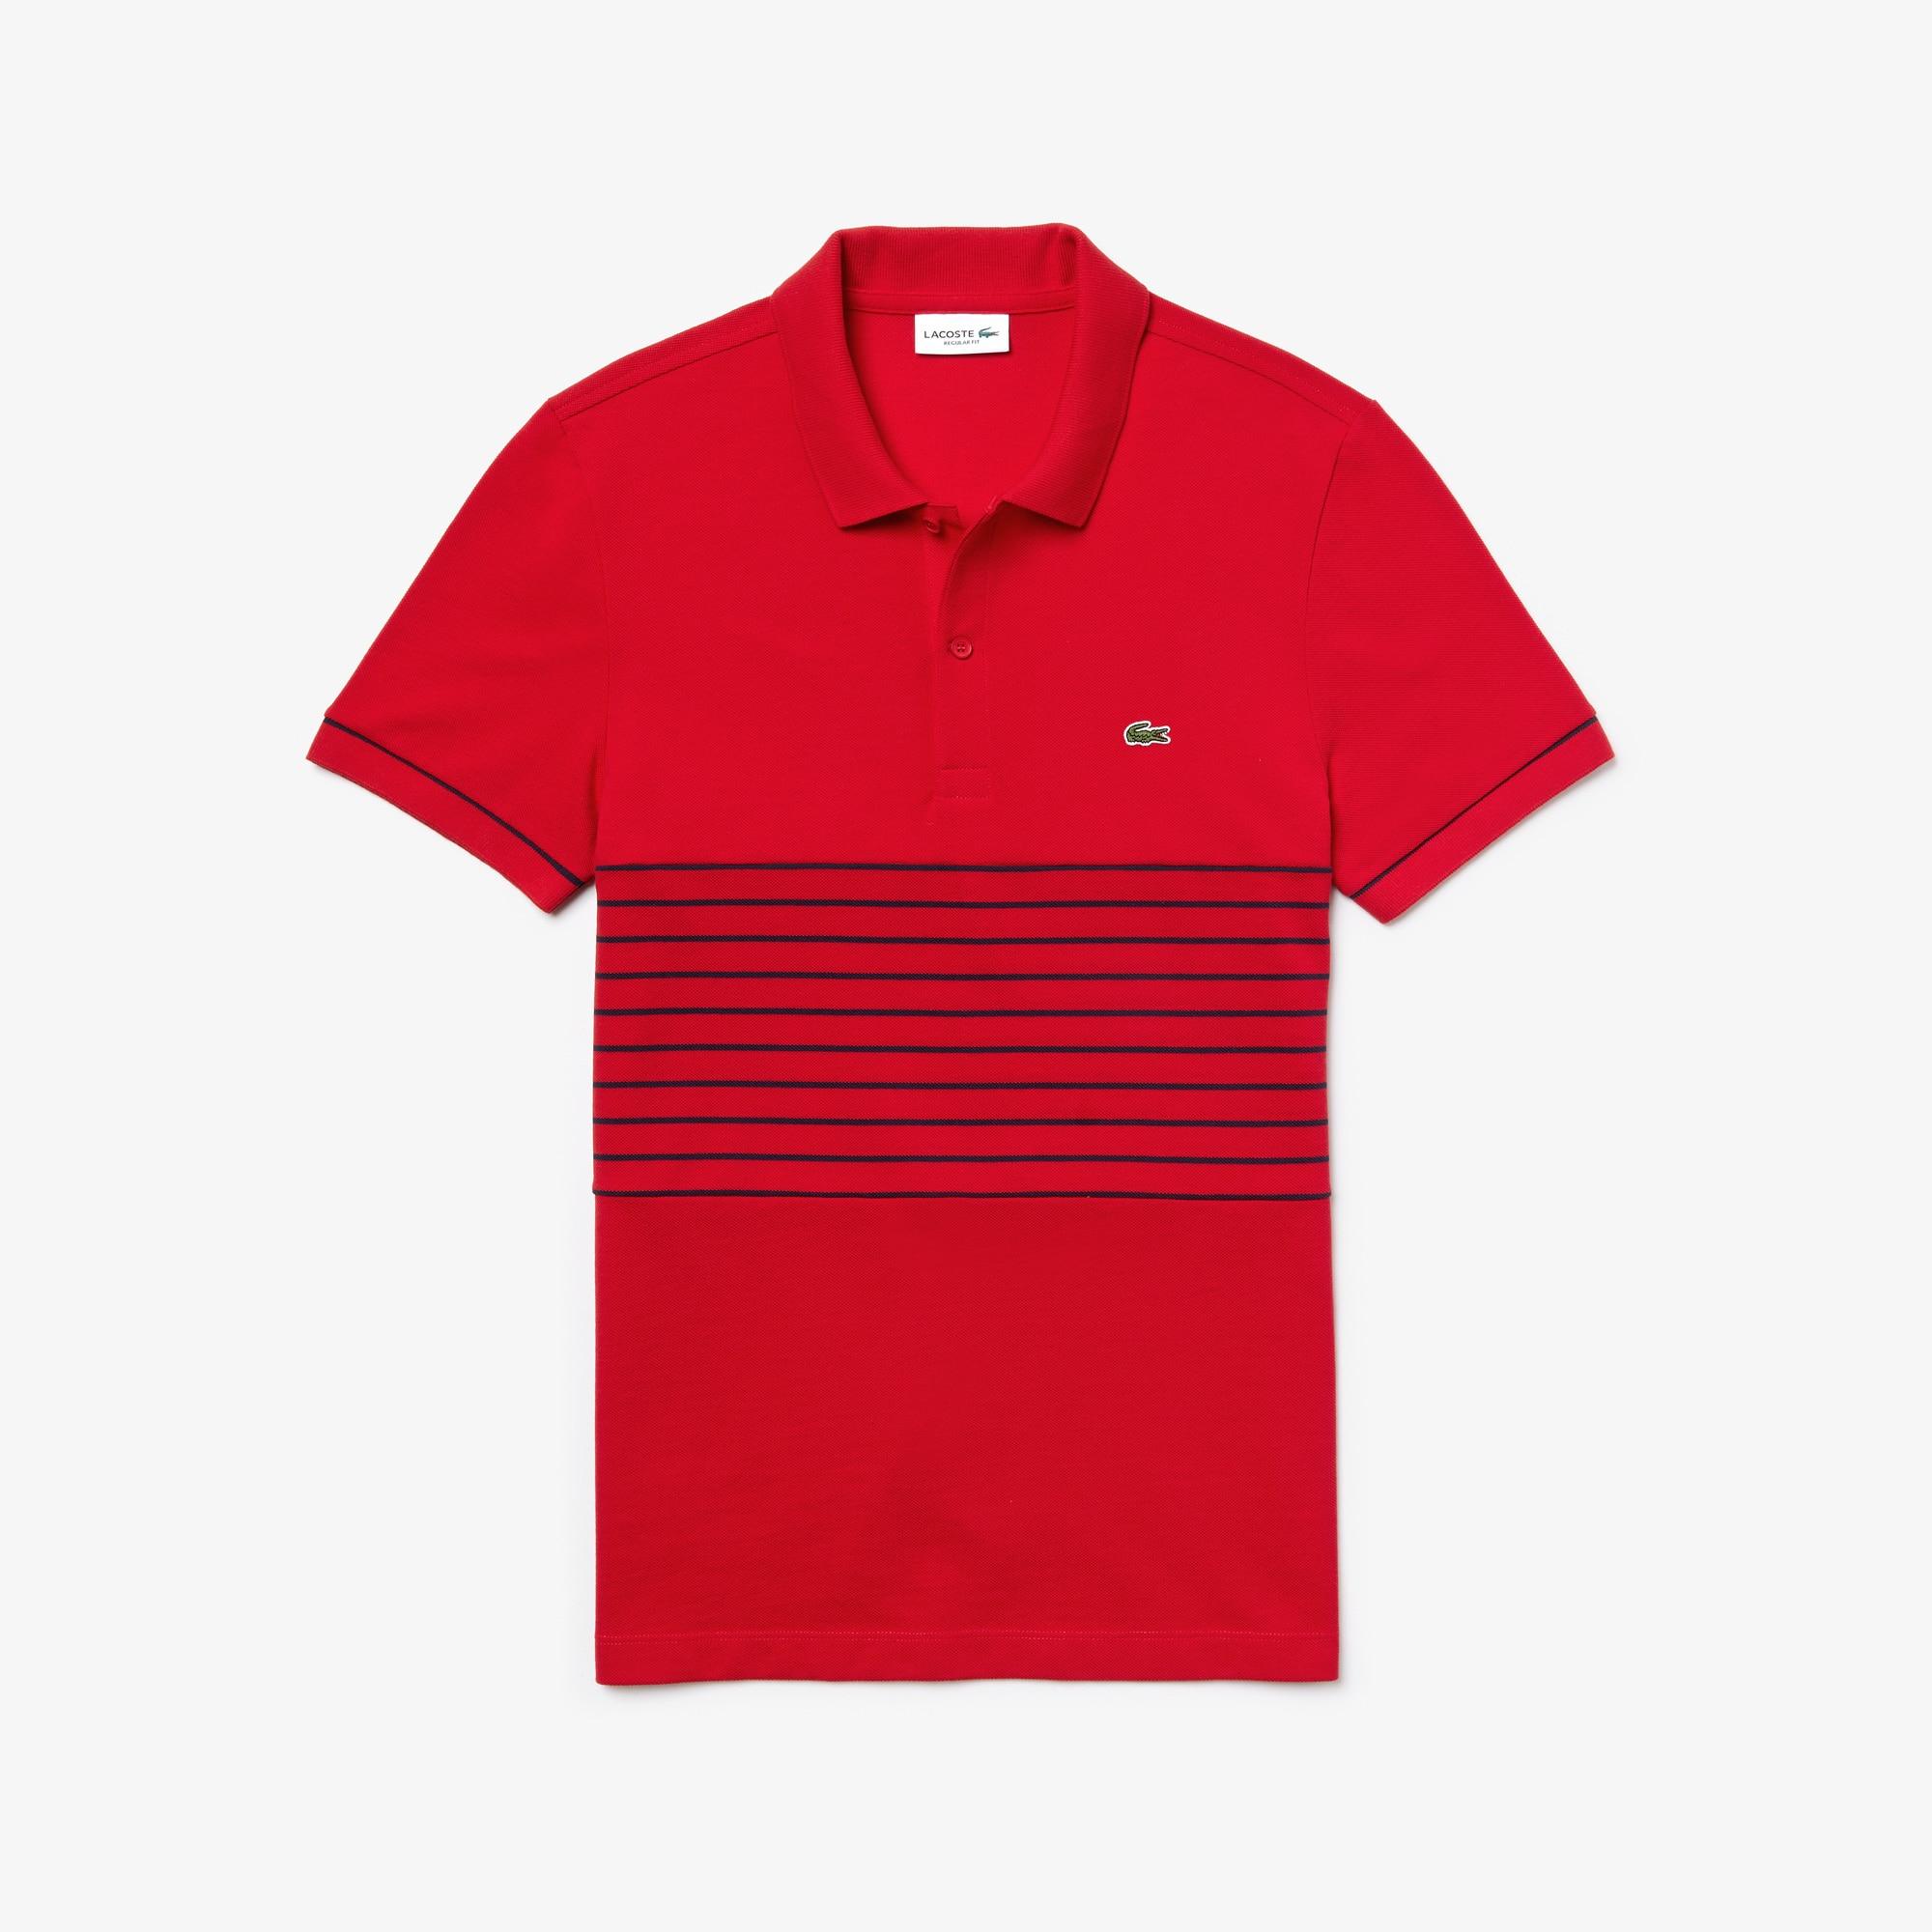 78a9d431f766 Poloshirts für Herren   Herrenmode   LACOSTE